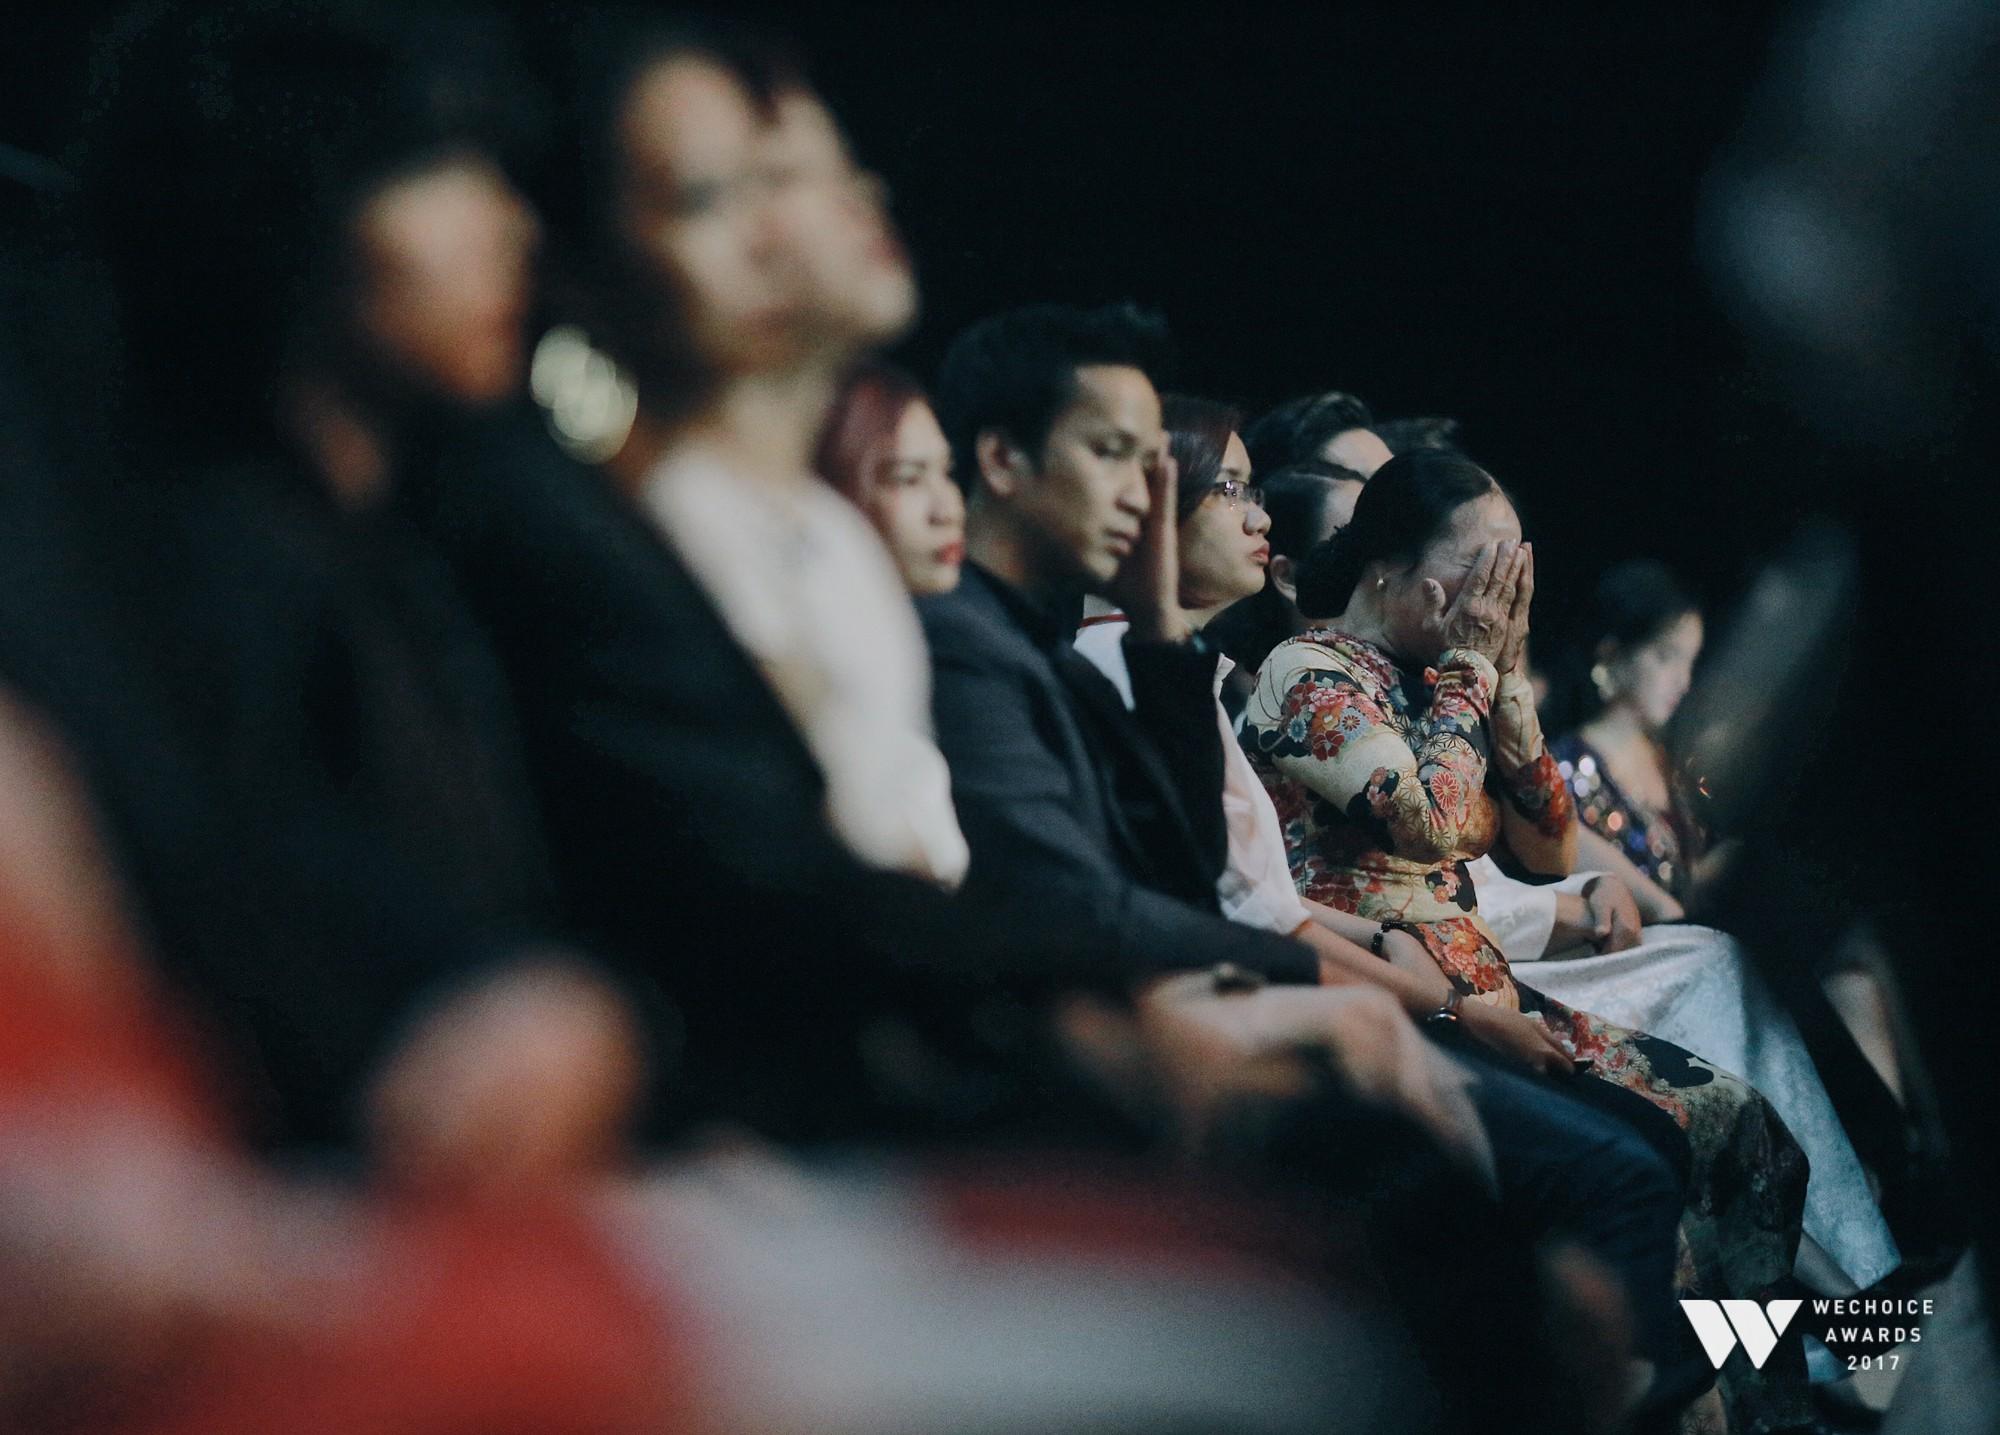 Gala WeChoice Awards 2017 và loạt khoảnh khắc chạm đến trái tim khi những niềm cảm hứng được tôn vinh! - Ảnh 19.